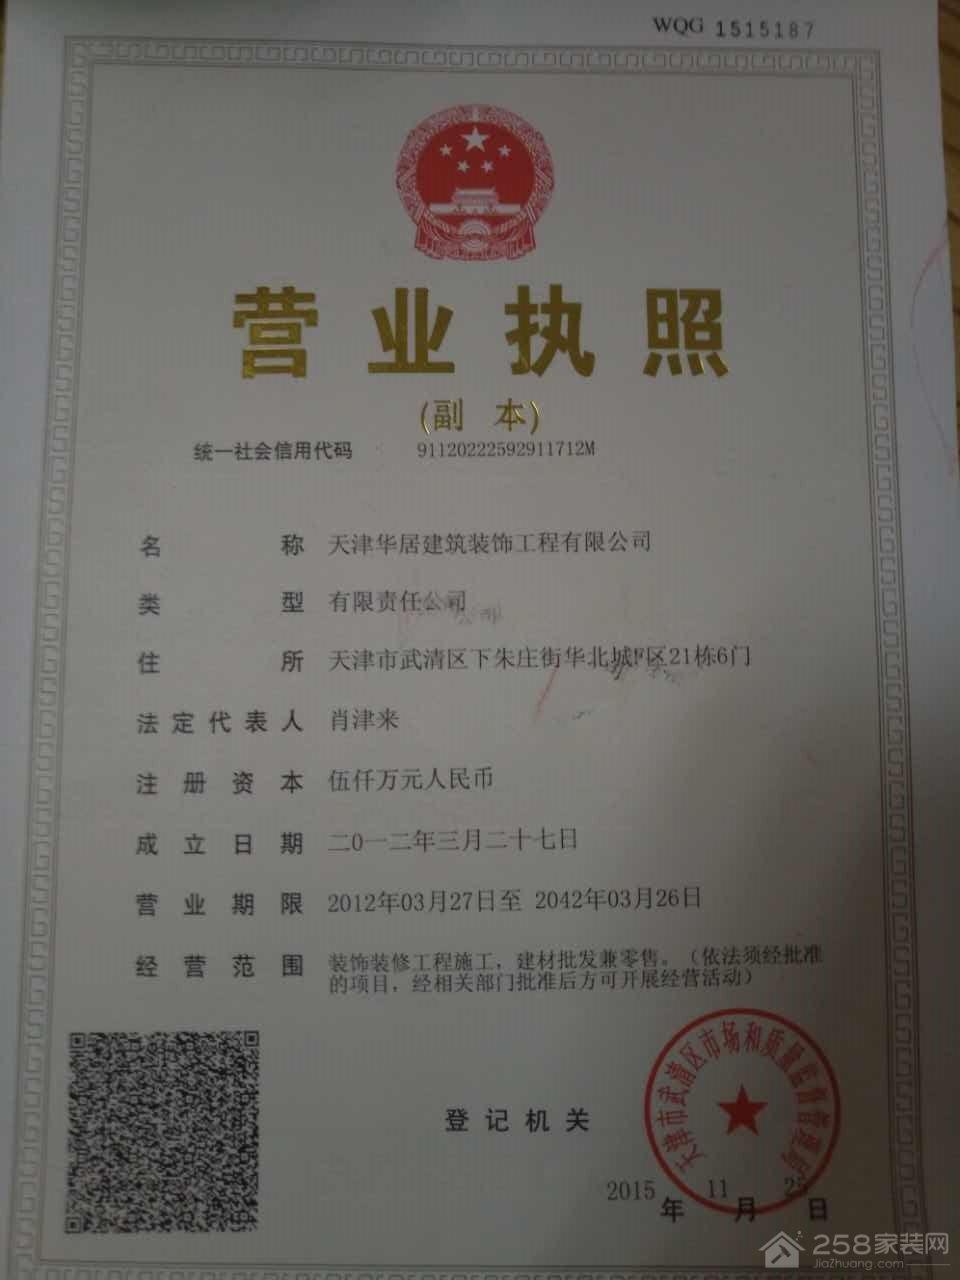 天津华居建筑装饰工程有限公司